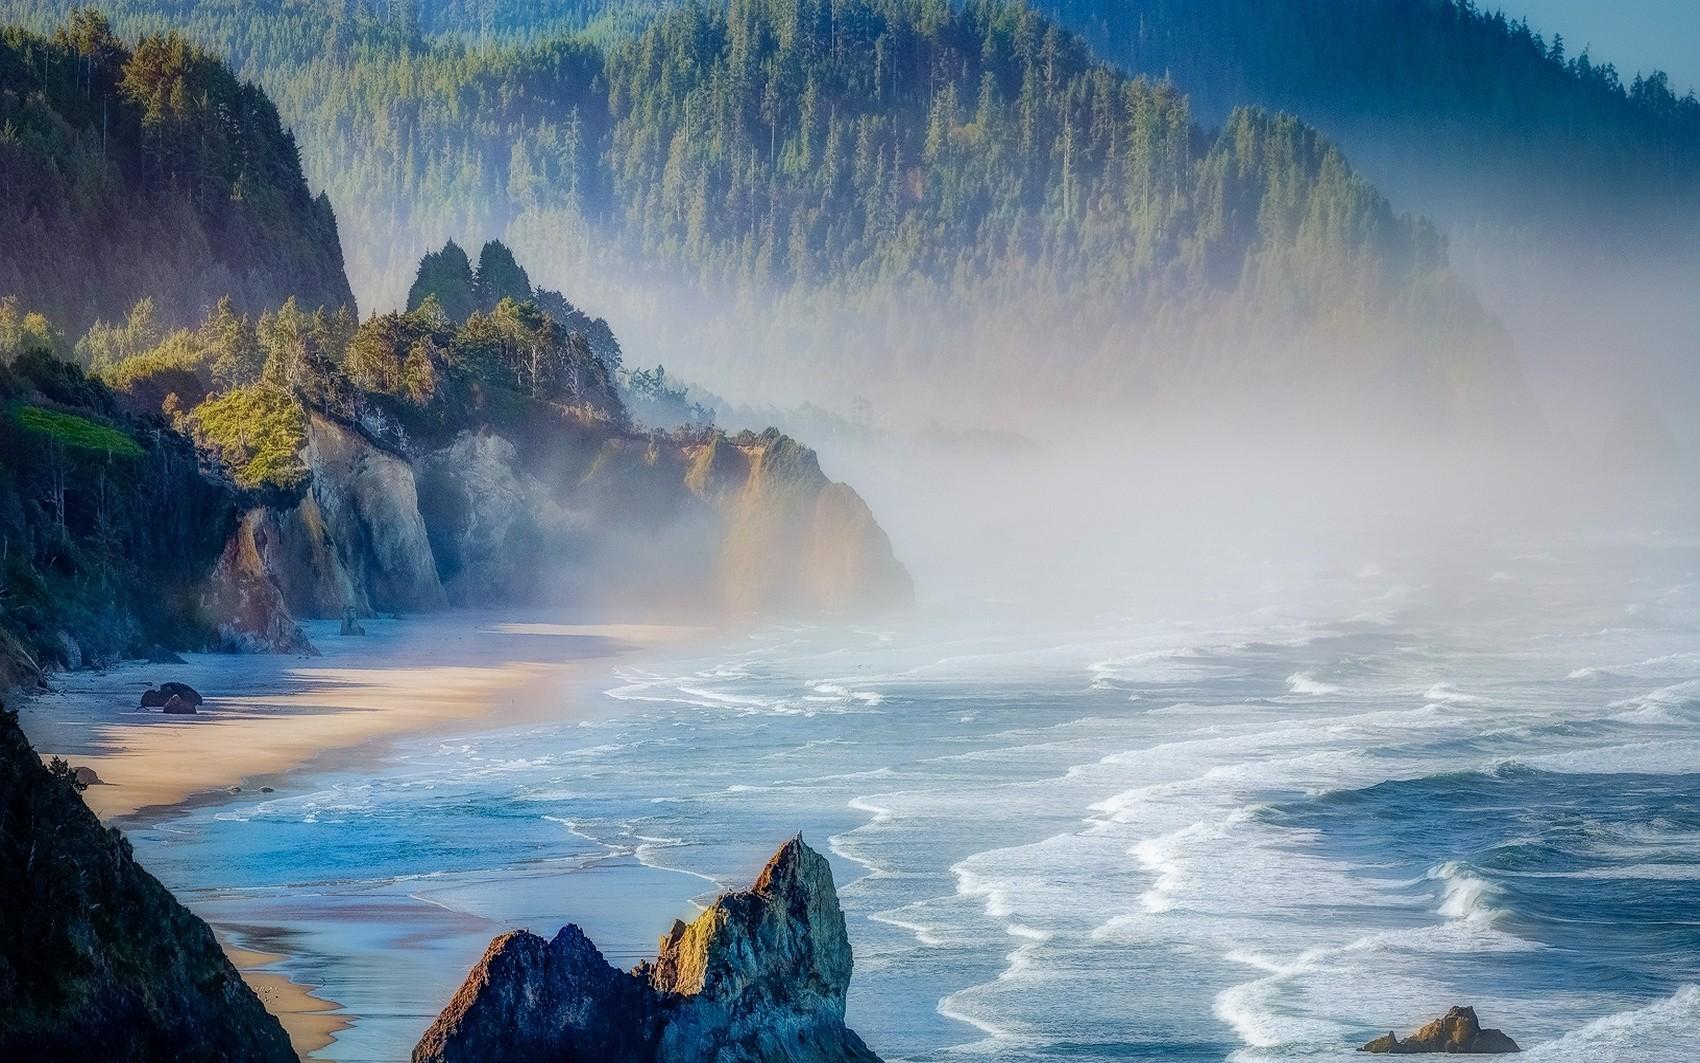 sea nature forest cliff mist oregon beach mountains landscape